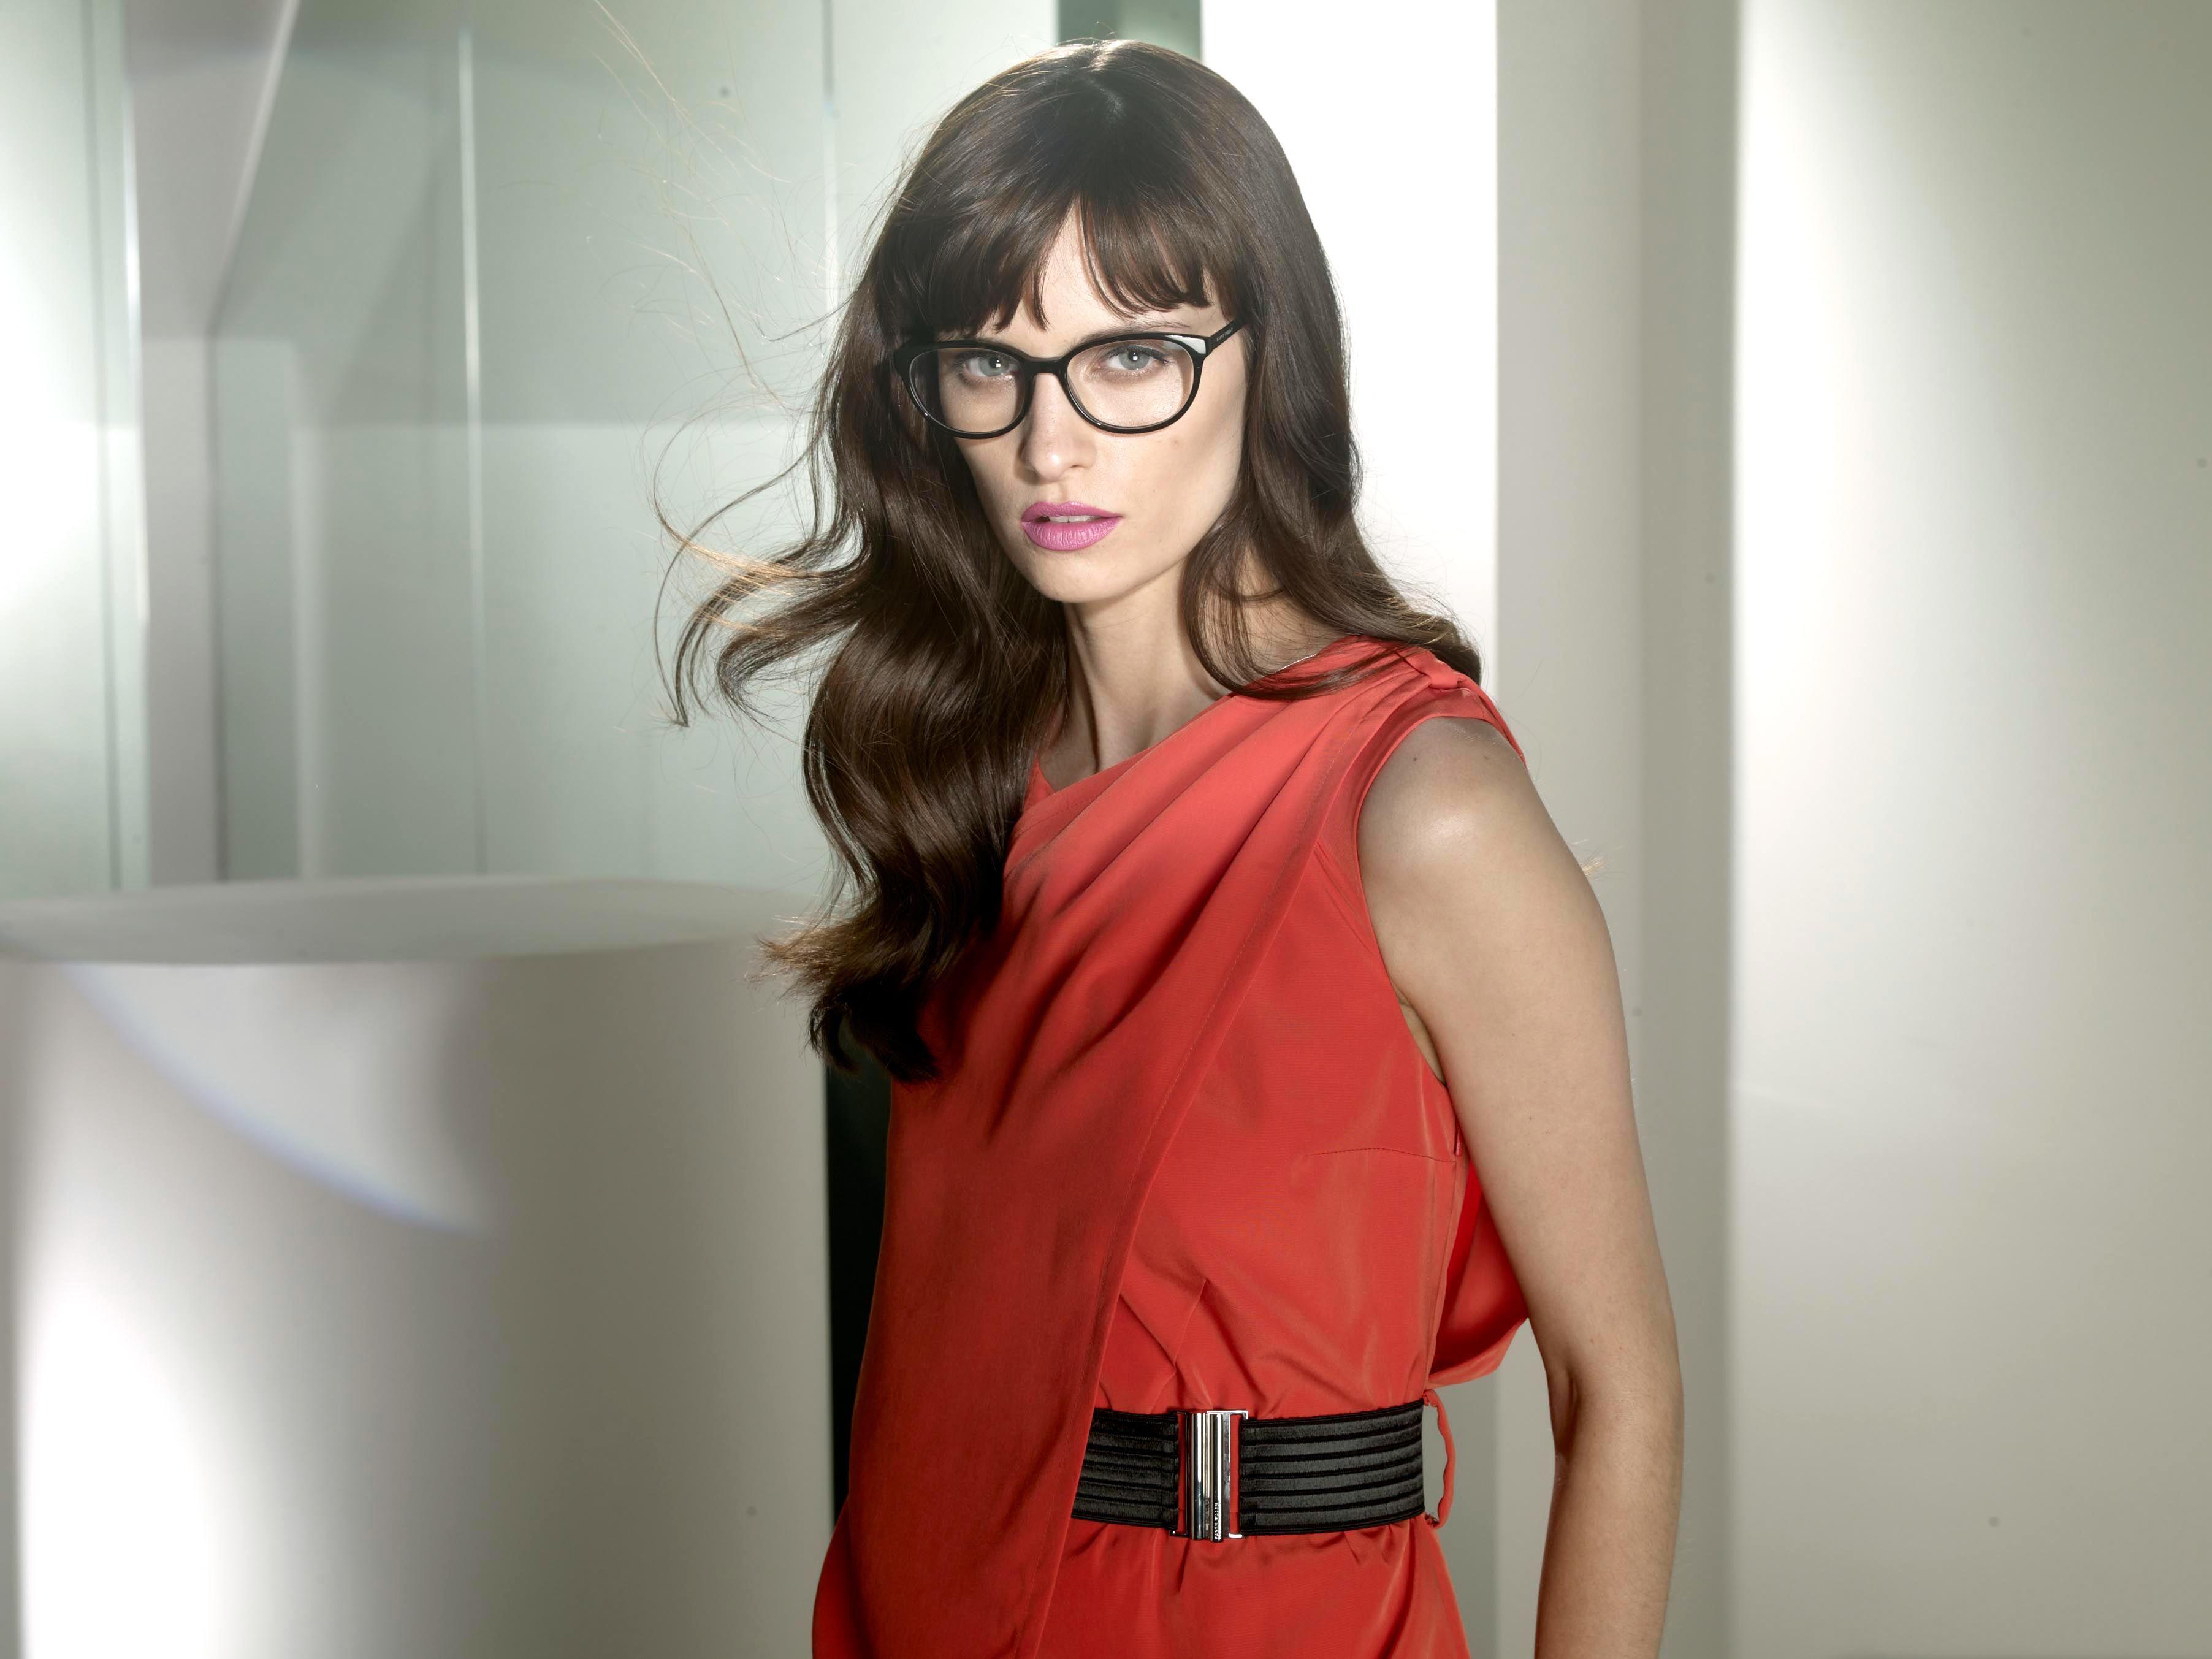 Karen Millen x Specsavers | Specsavers